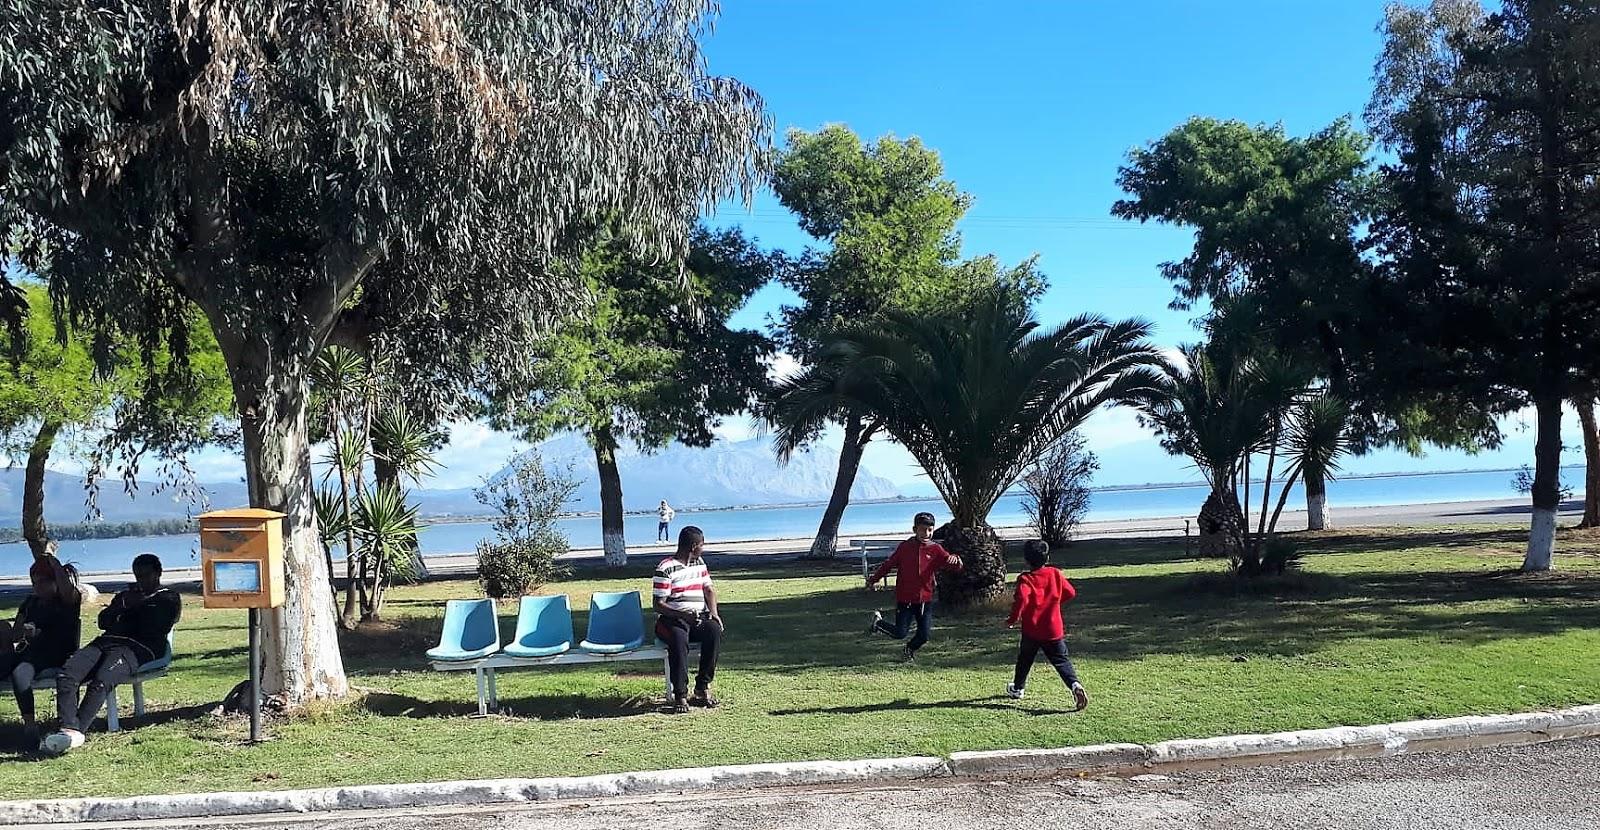 Από την Υποσαχάρια Αφρική οι πρόσφυγες που φιλοξενούνται στο Μεσολόγγι